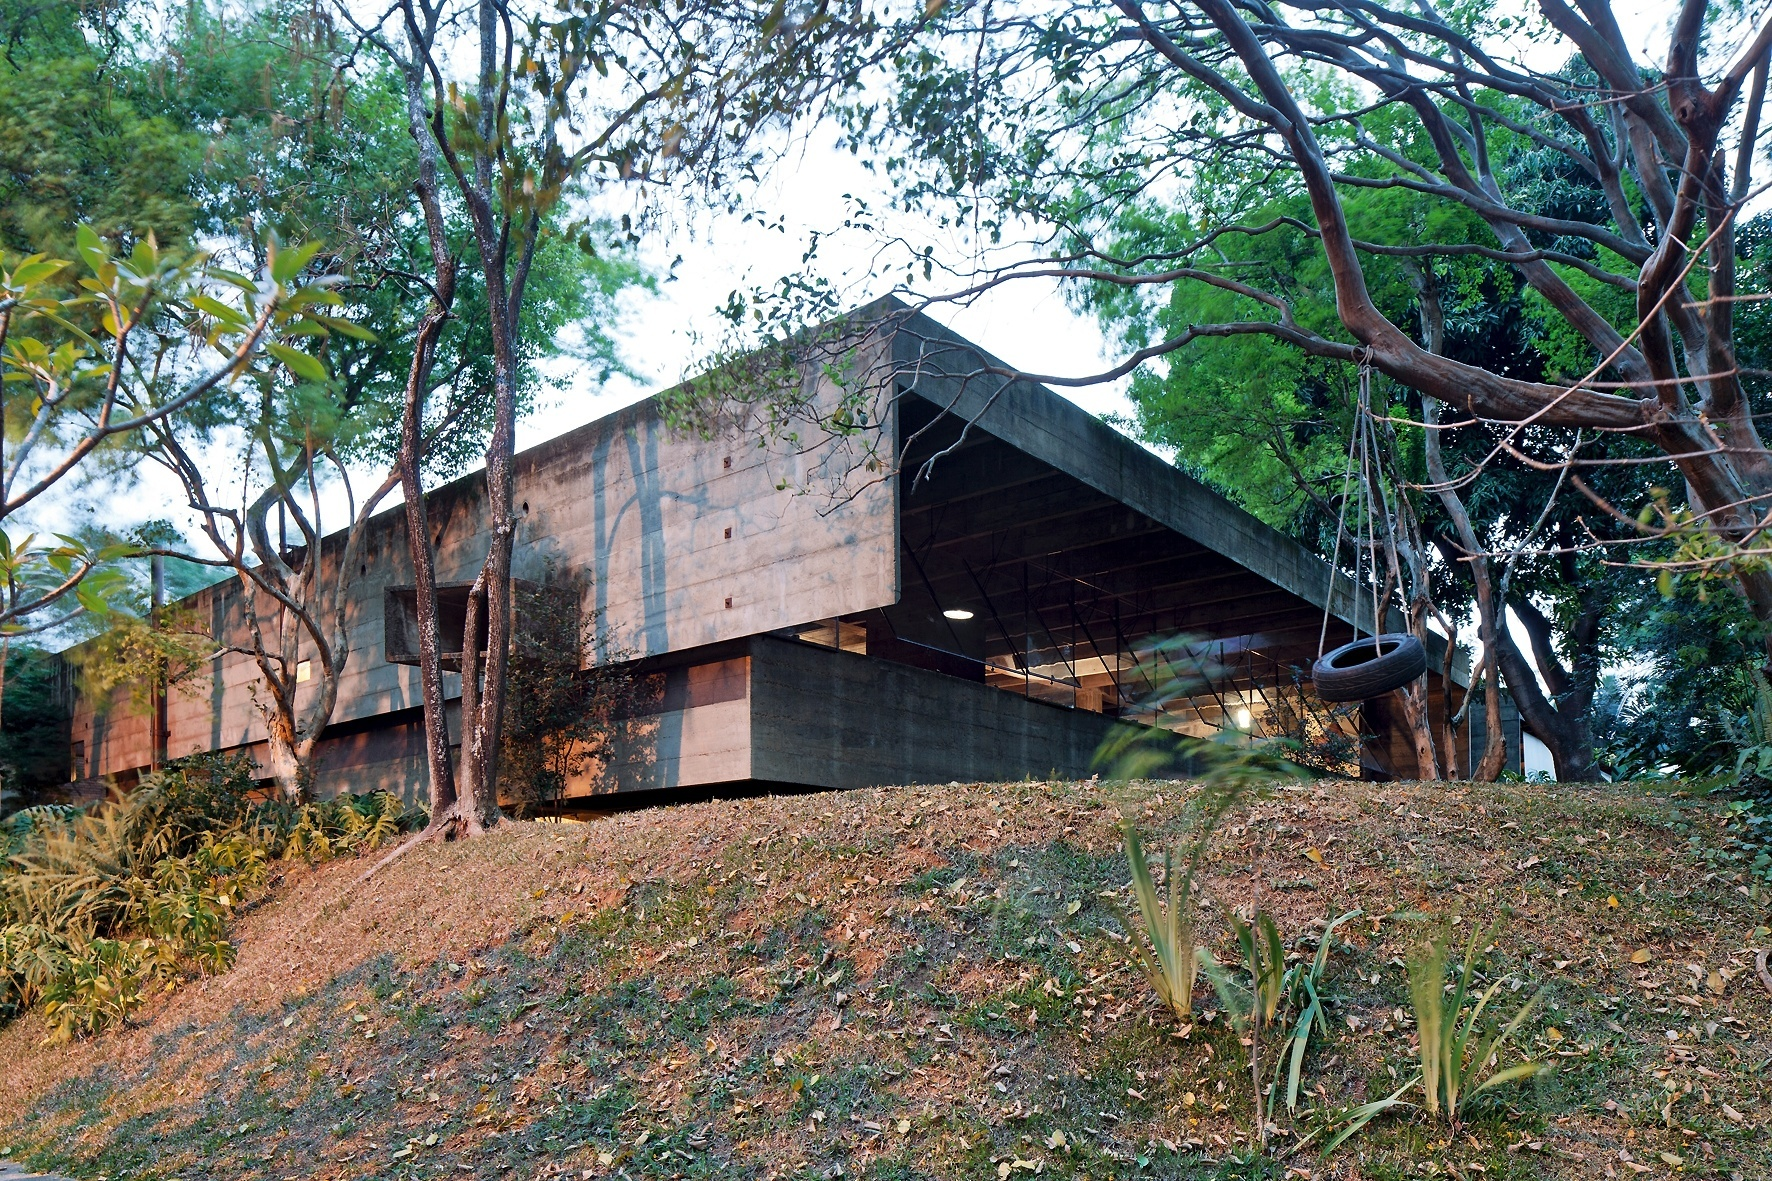 Dois planos sobrepostos definem a empena cega do pavimento superior da casa Butantã, projetada pelo arquiteto Paulo Mendes da Rocha. Em primeiro plano, vê-se o talude e o balanço de pneu improvisado para os netos do arquiteto